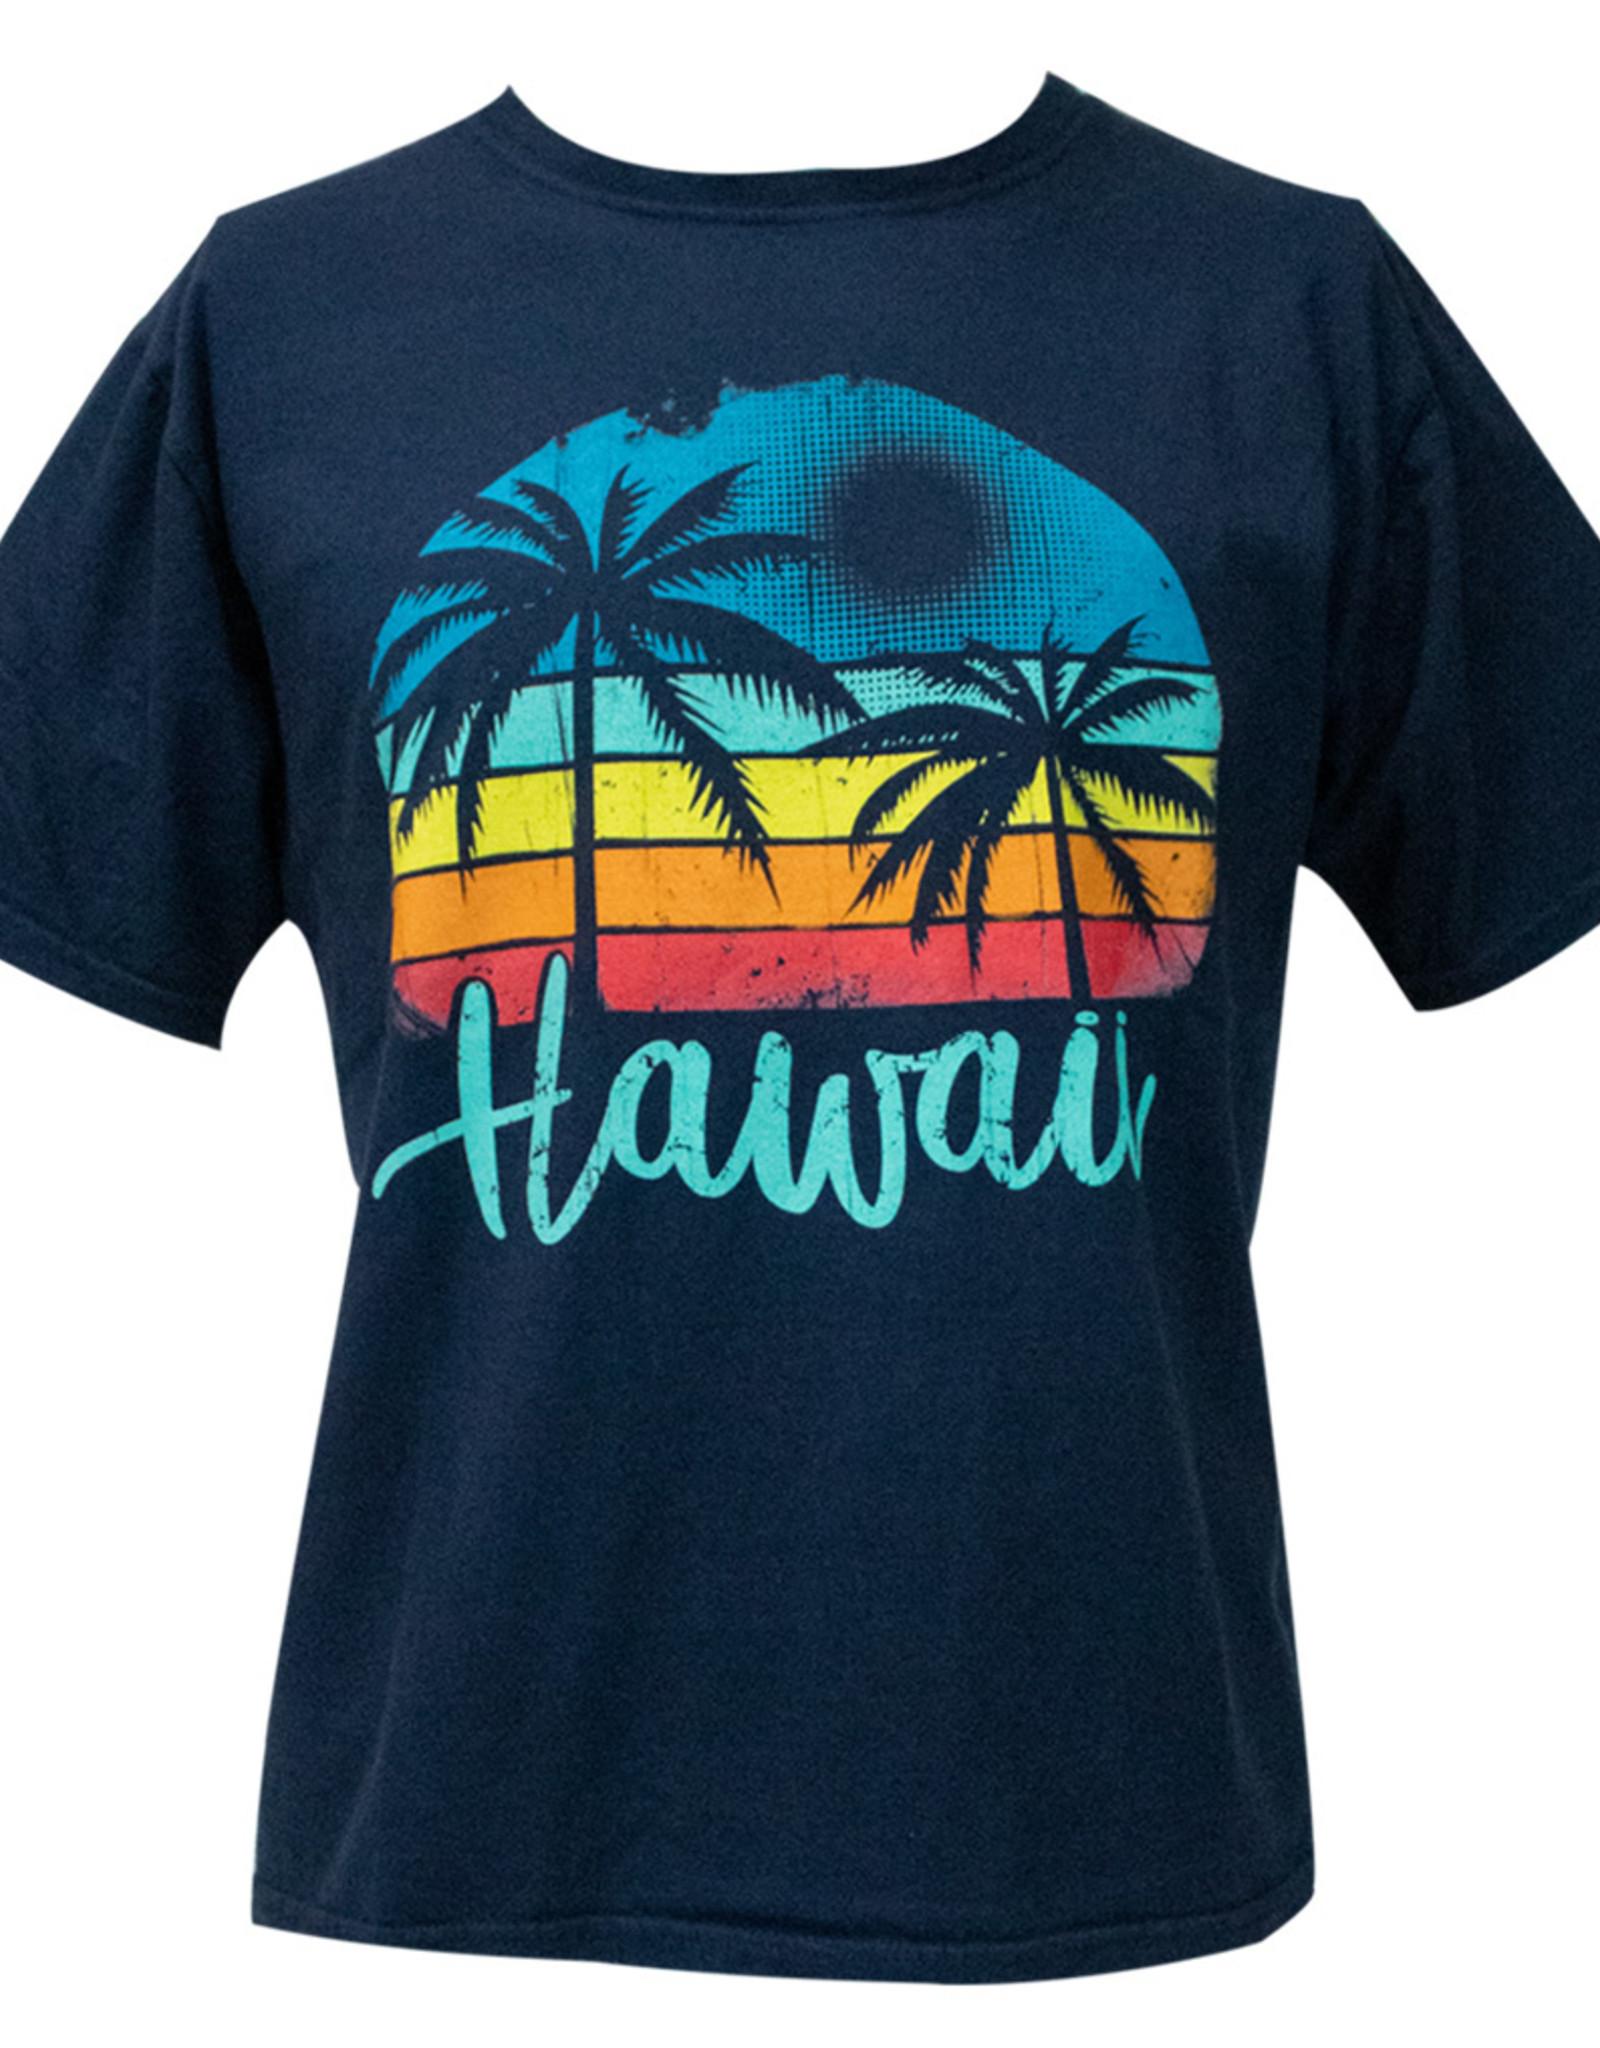 Clearance - Hawaii Palm Tree Dyed Tee